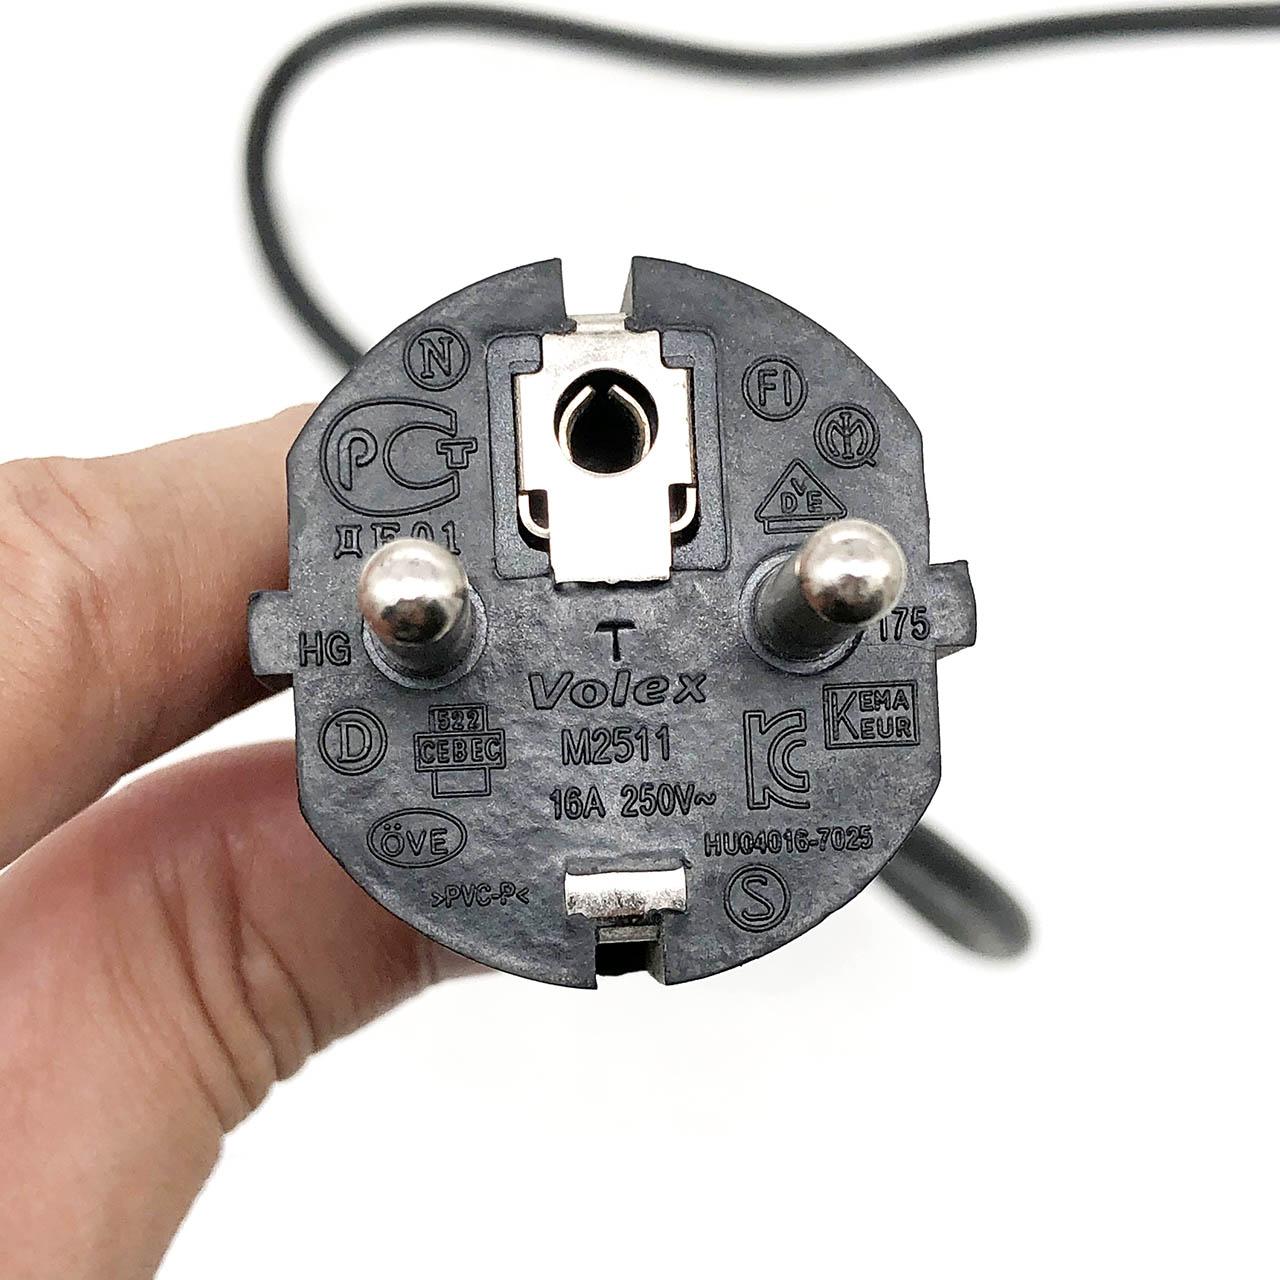 豪力士Volex M2511 16A 250V 3G0.75m㎡ 平方 梅花尾插 电源连接线 纯黄铜 法式插头 通用笔记本电源线2014年BAOHING CEBEC Power cable 黑